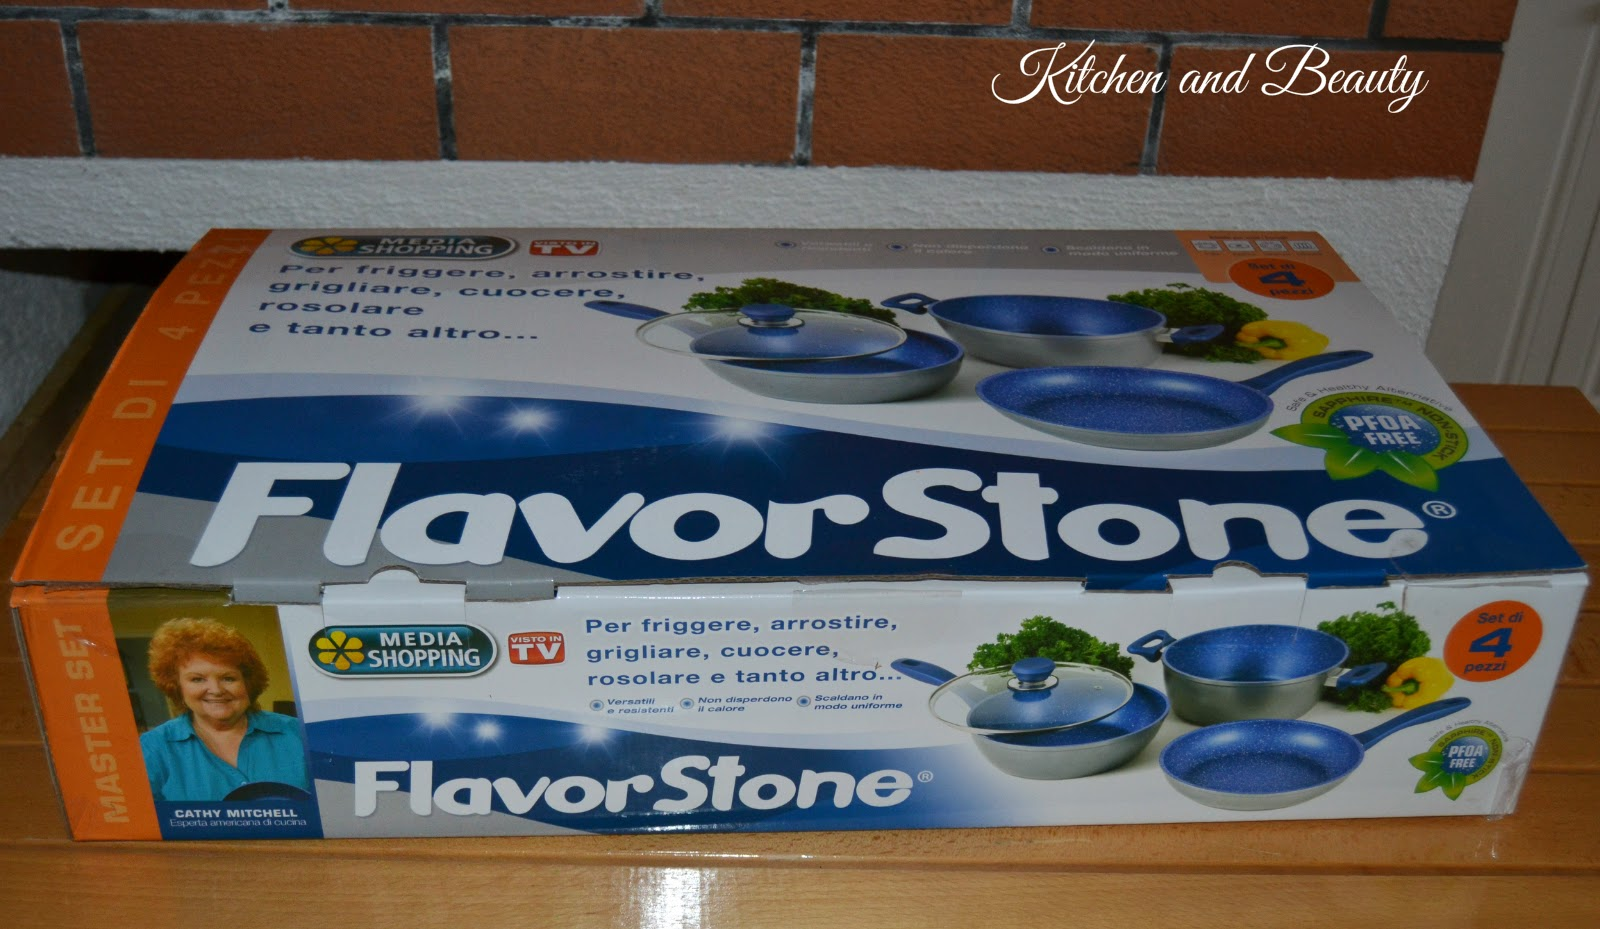 Kitchen and Beauty: Flavorstone, le pentole per cucinare senza grassi!